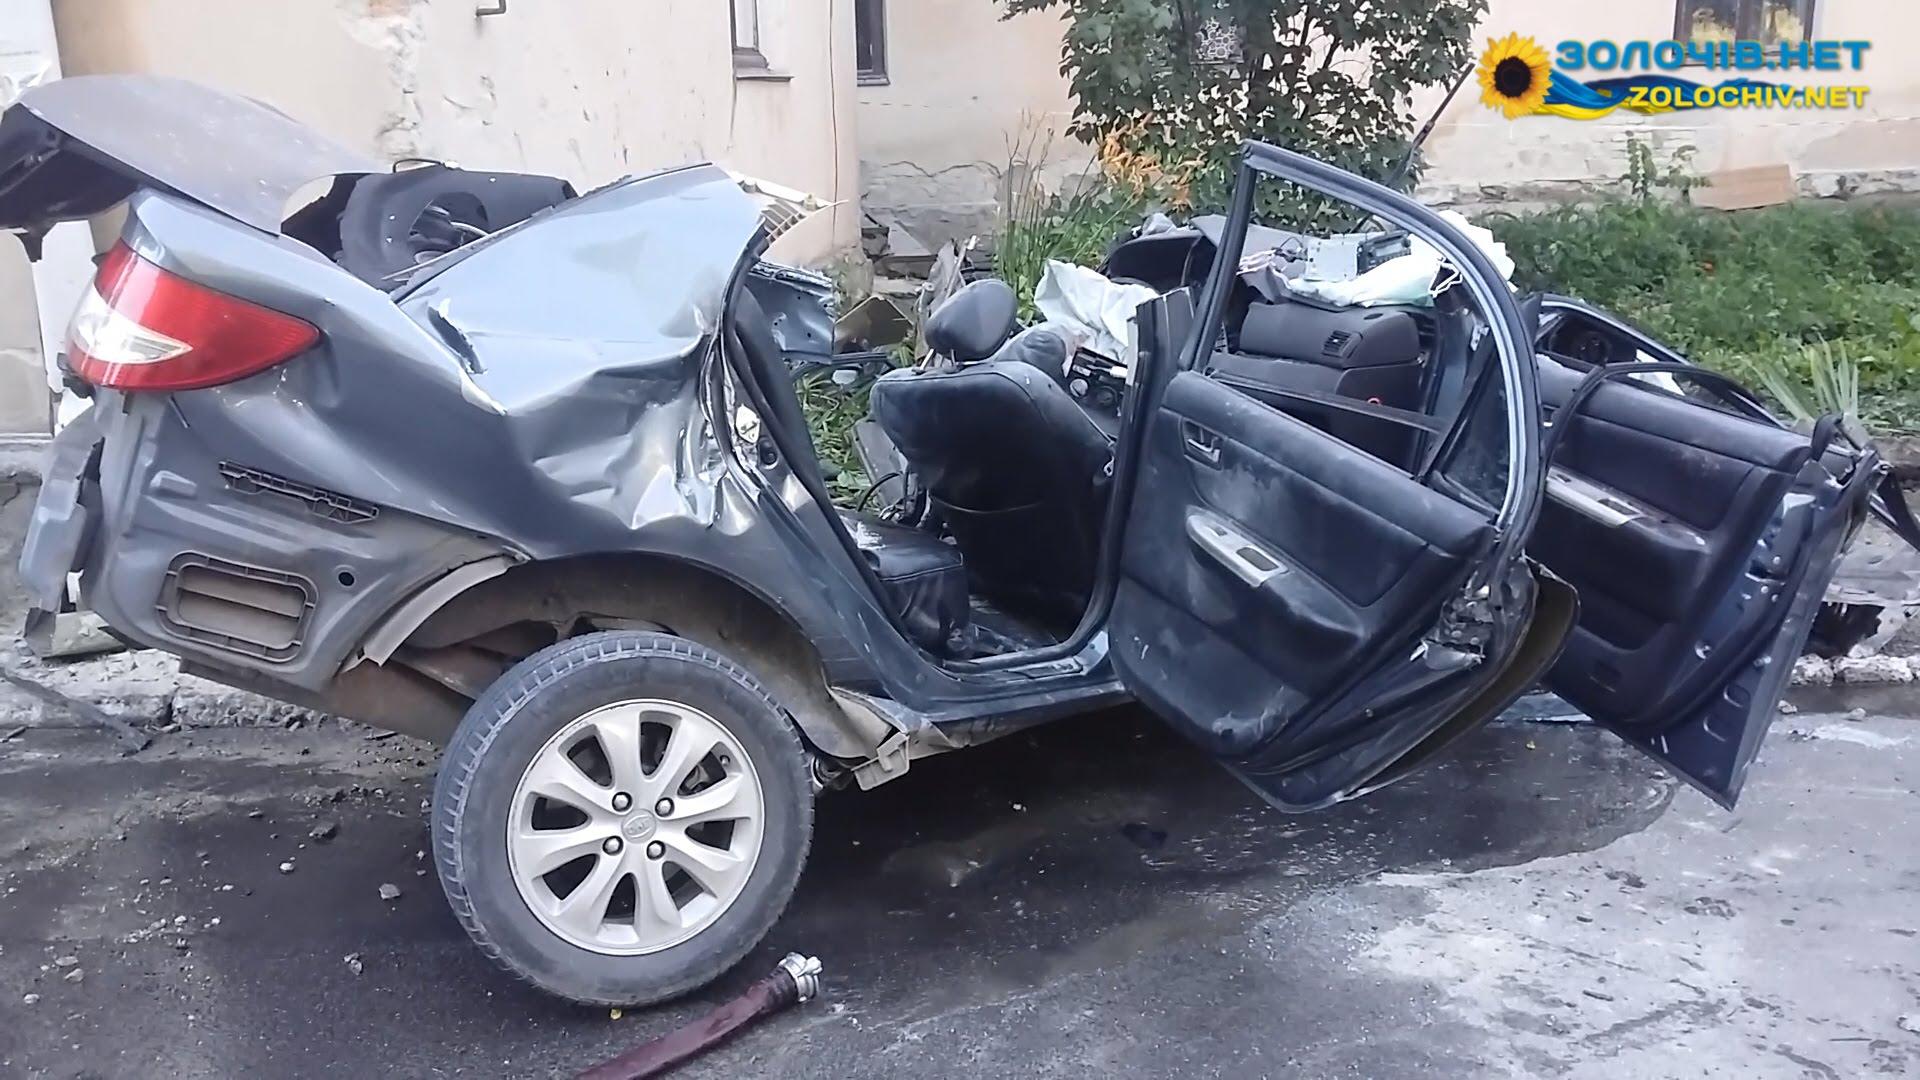 Во Львовской области водитель «влетел» в здание женской консультации, погибли три человека